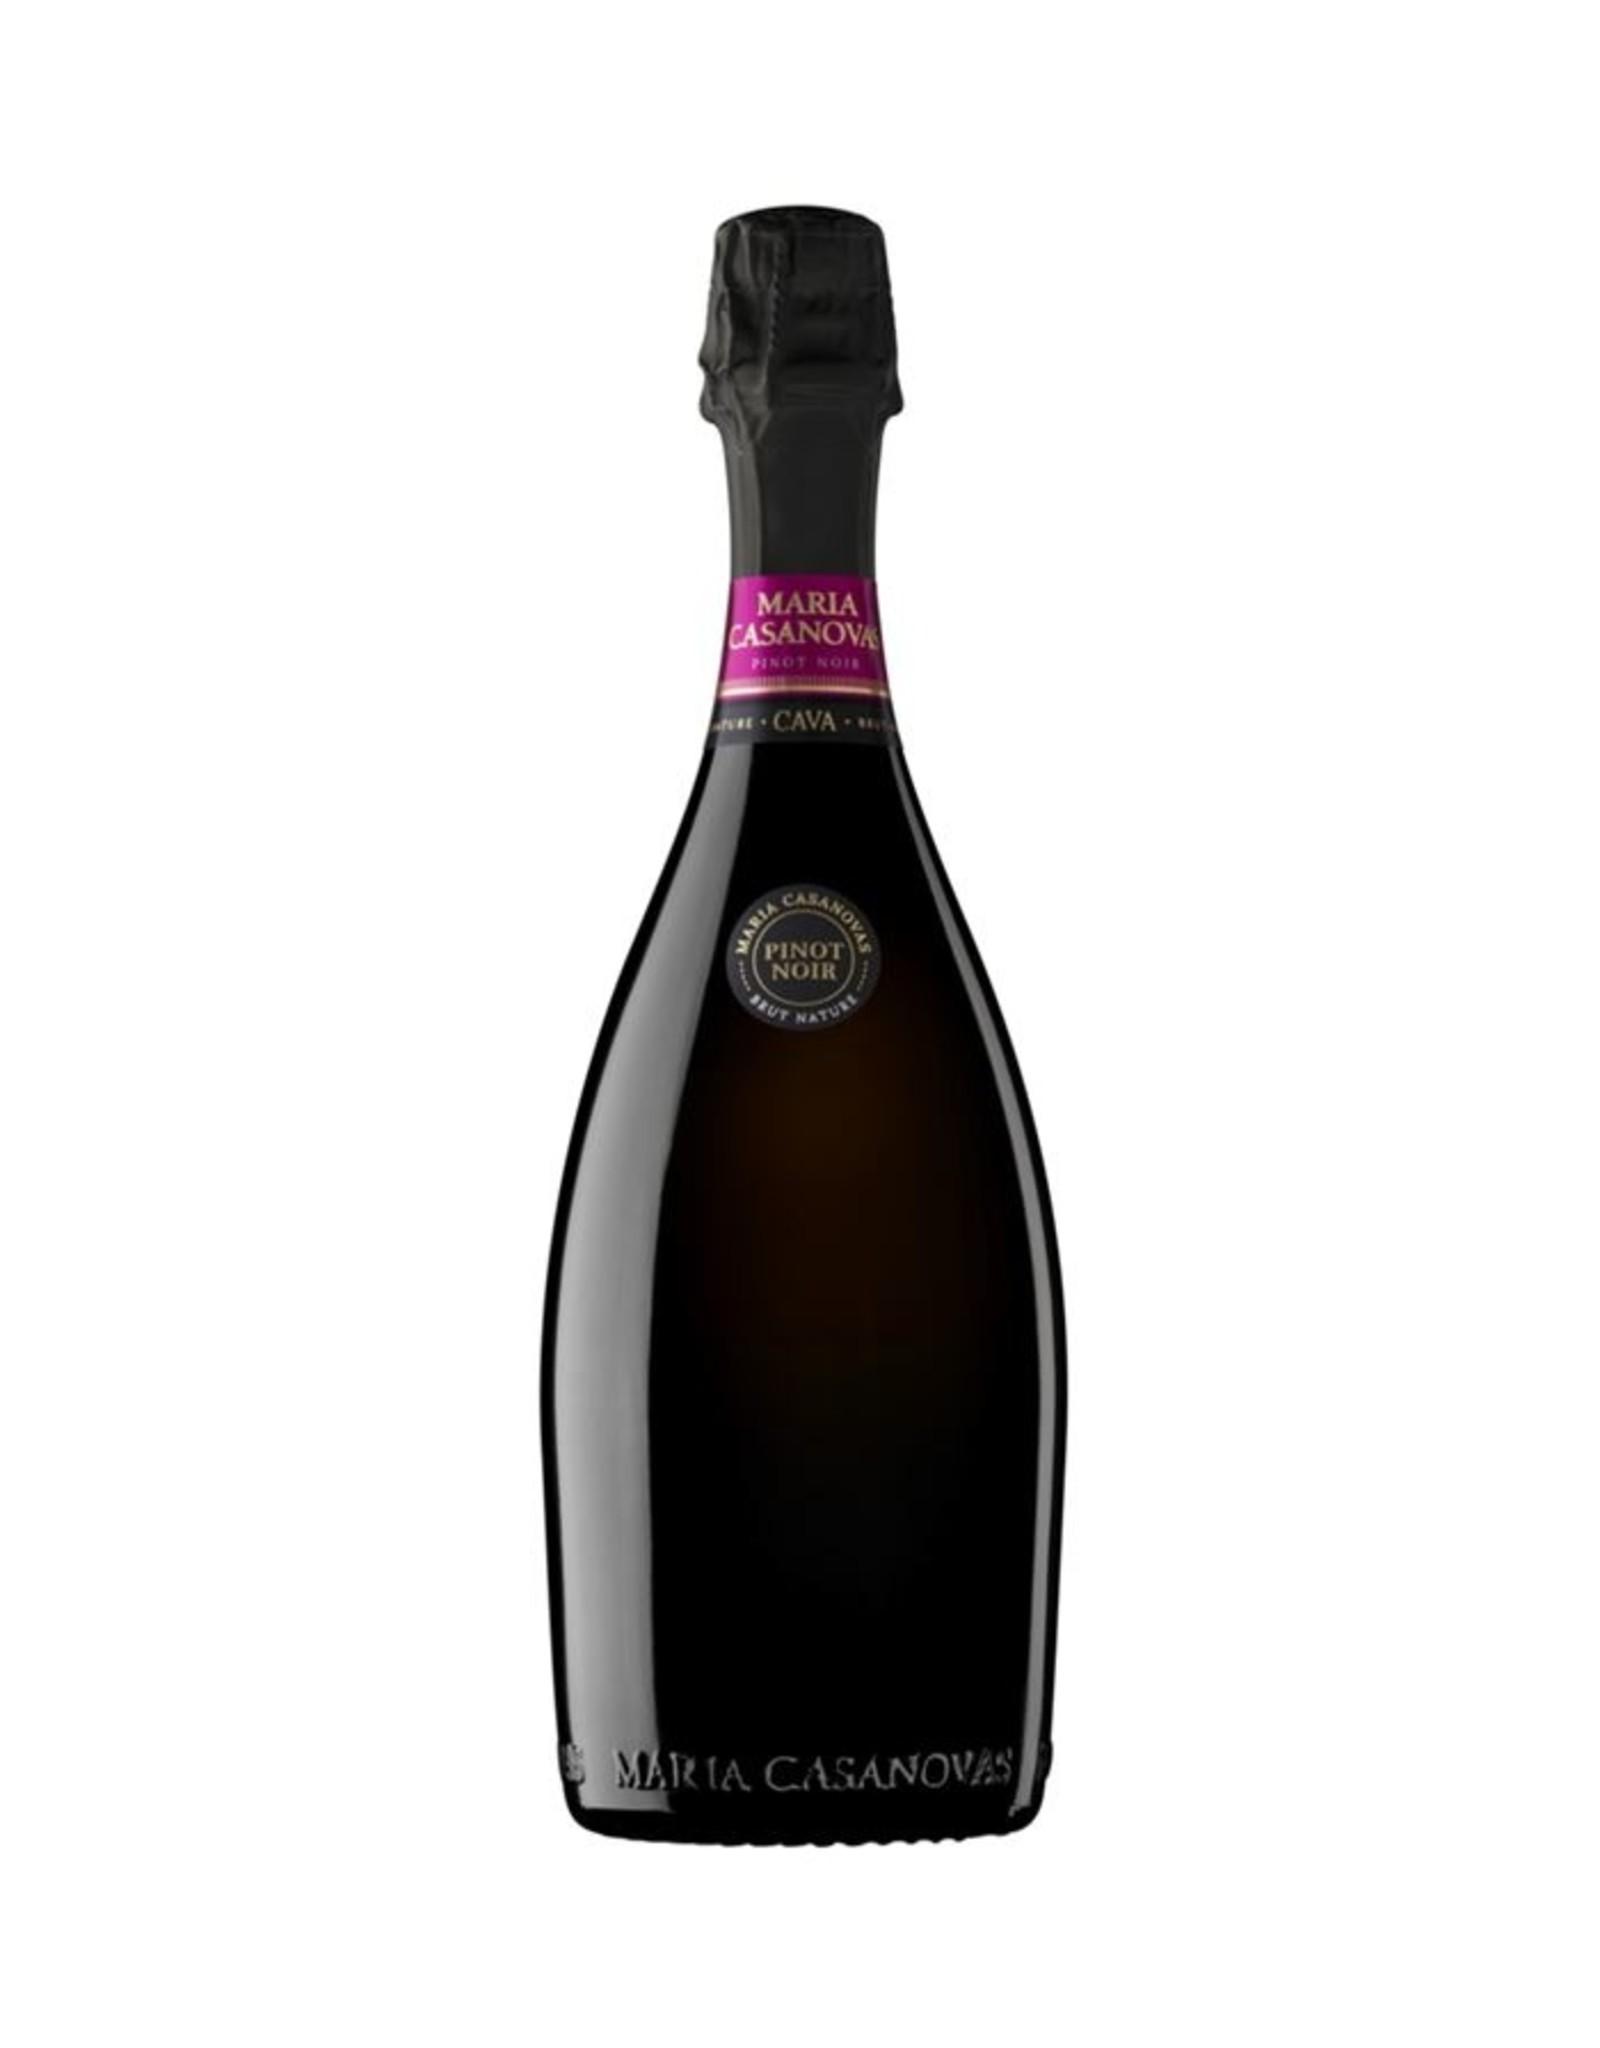 Maria Casanovas Pinot Noir Rosado